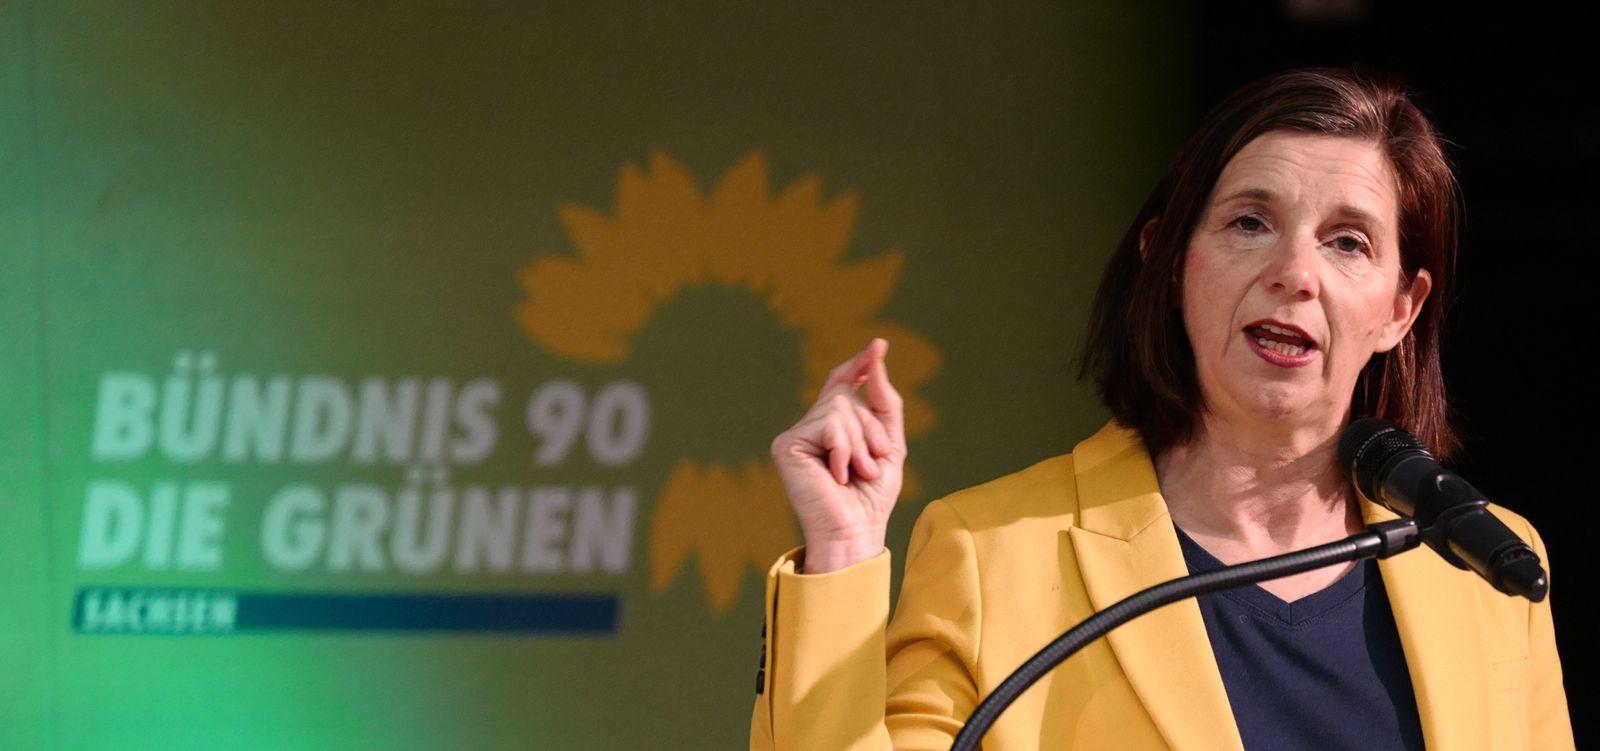 Göring-Eckardt, Fraktionschefin der Partei Bündnis 90/Die Grünen